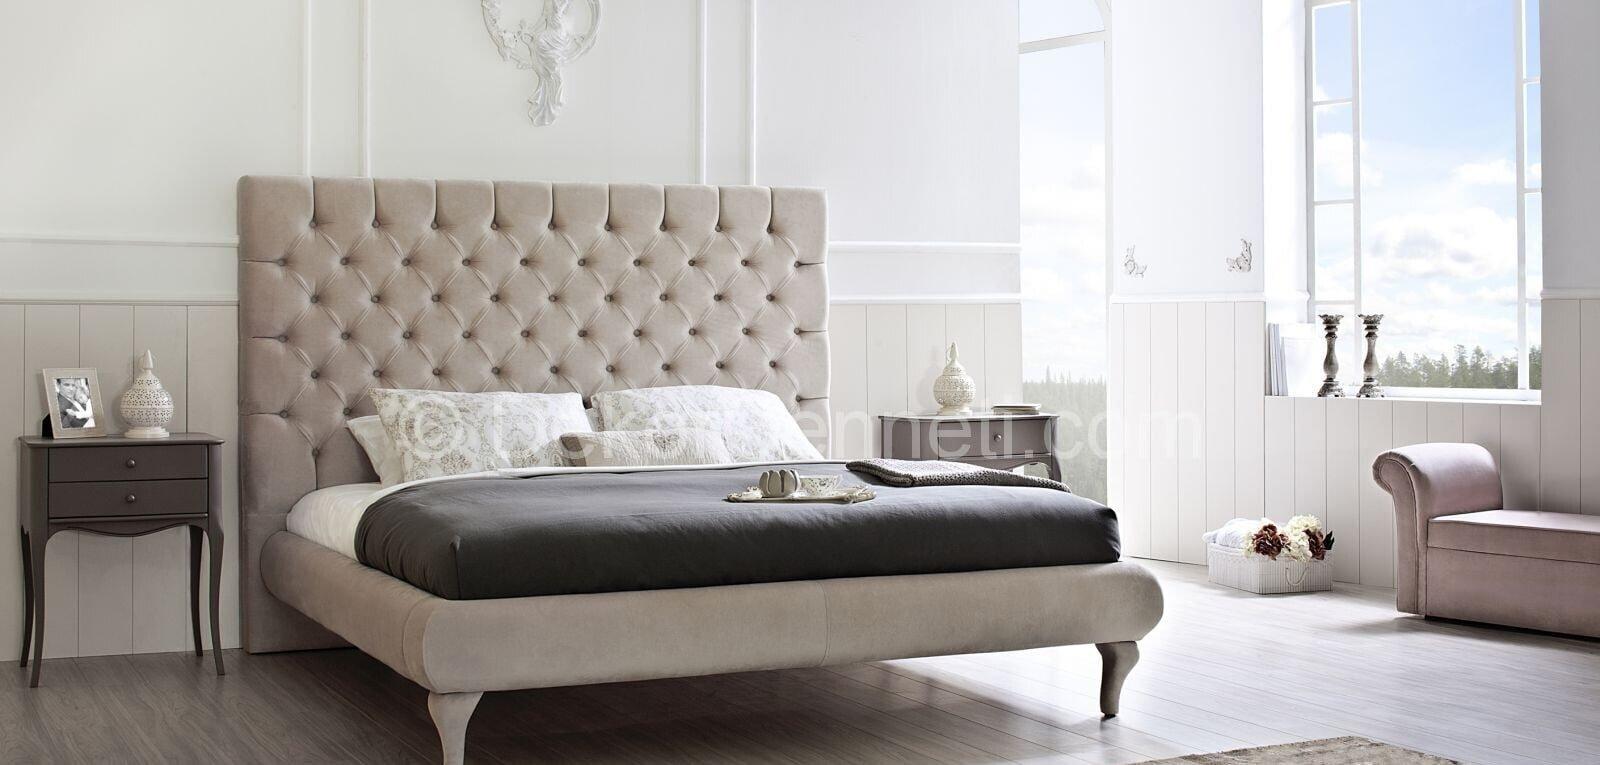 Yeni lazzoni salon takımı ve yatak odası mobilya modelleri Modelleri